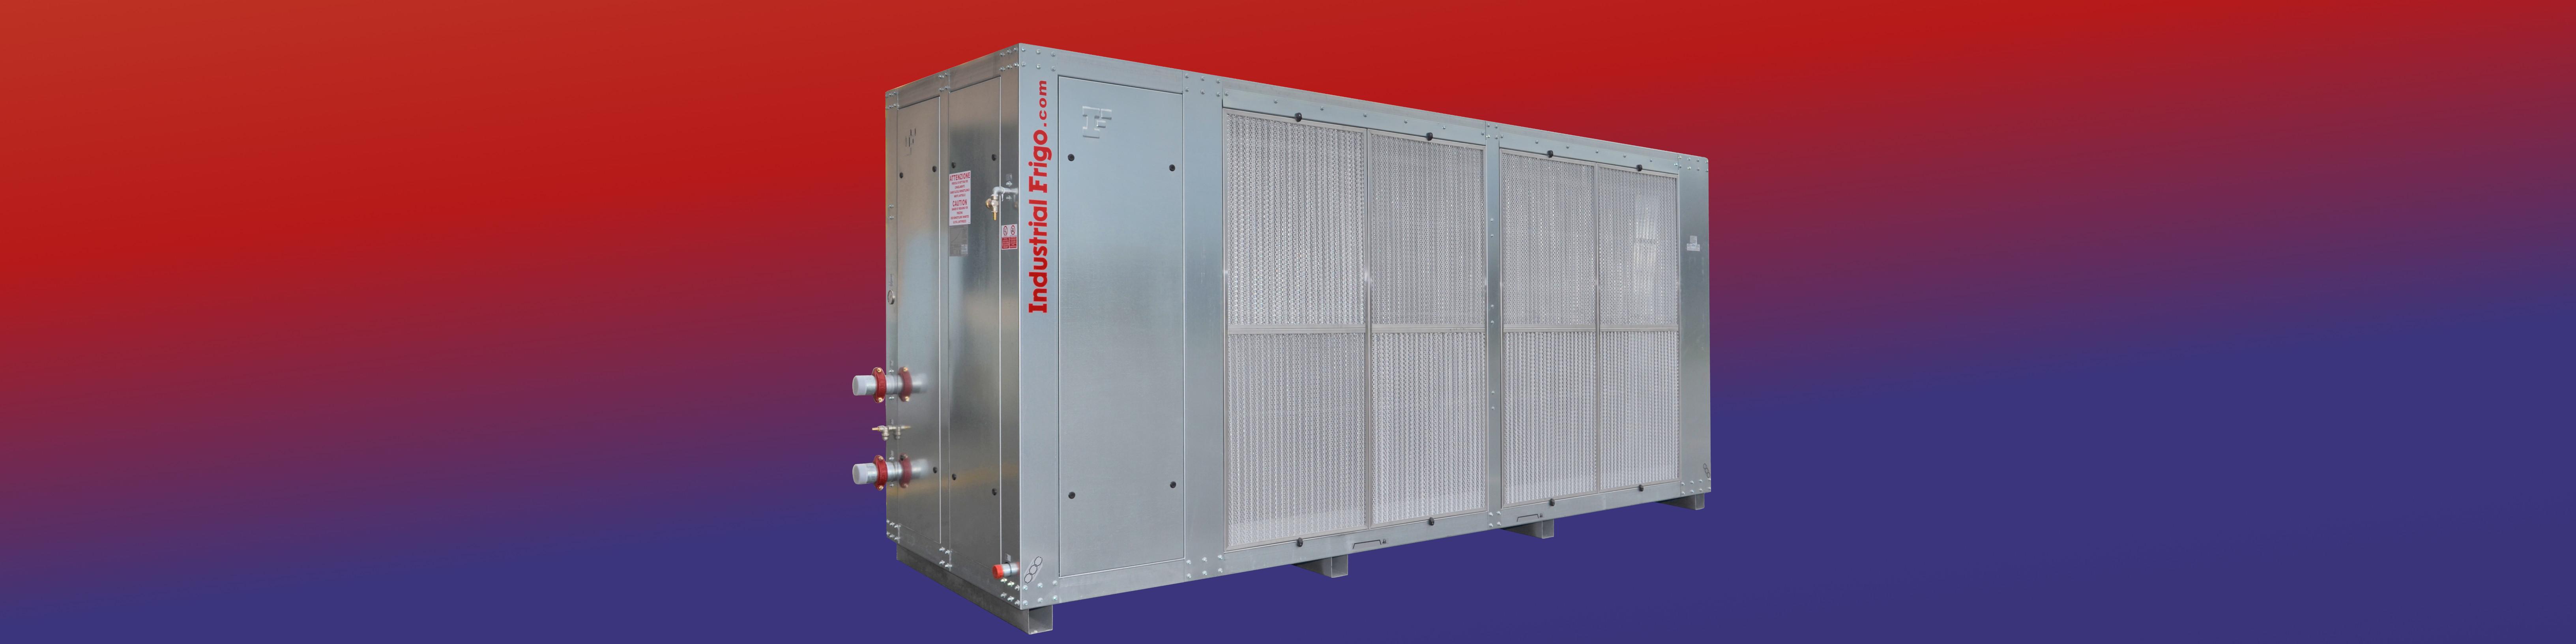 Industrial Frigo levegő kondenzációs folyadékhűtő piros kék háttérrel